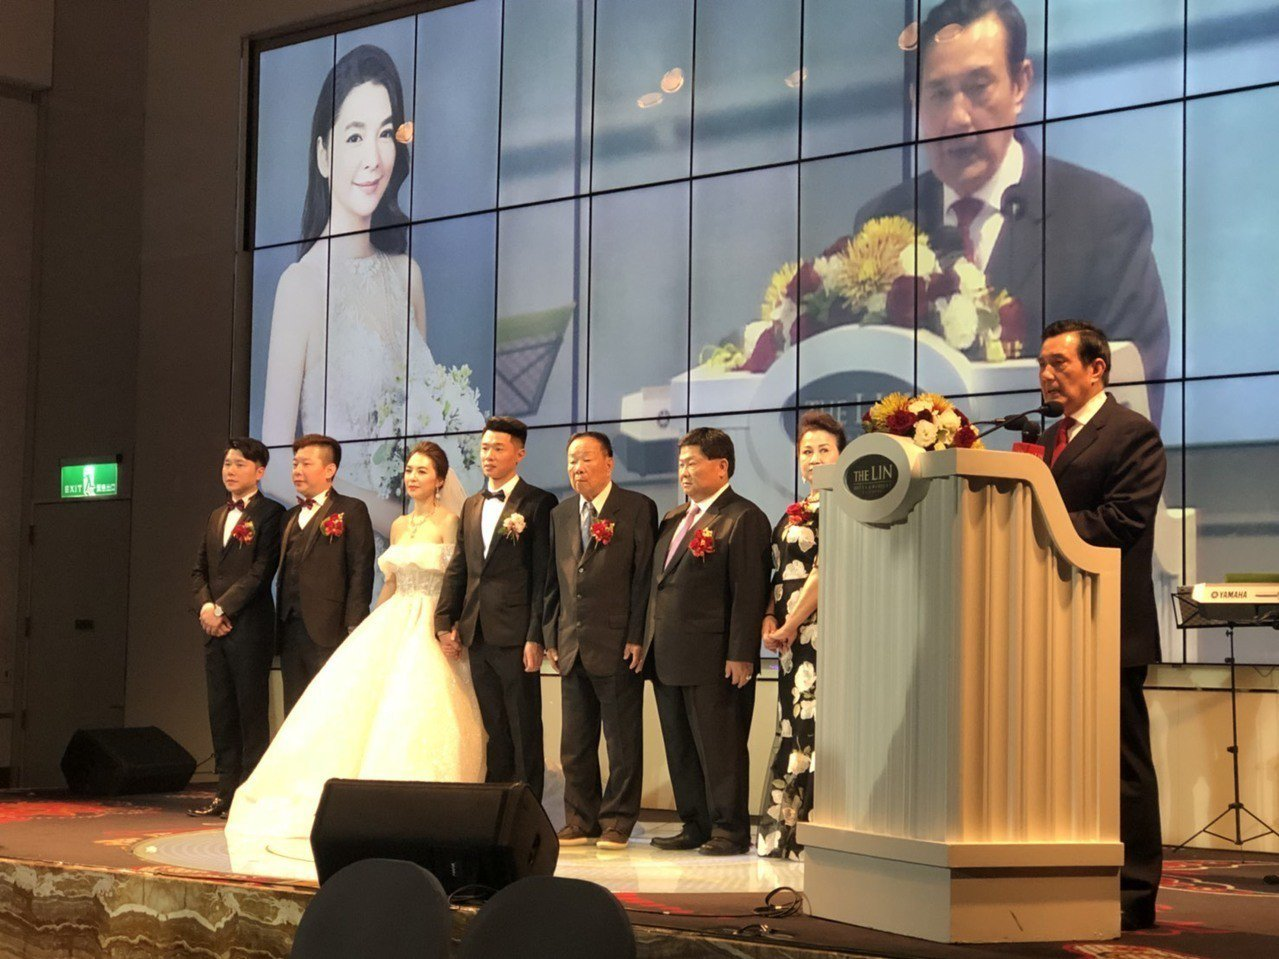 顏清標二兒子結婚,國民黨大咖、太陽都來道賀!圖/讀者提供